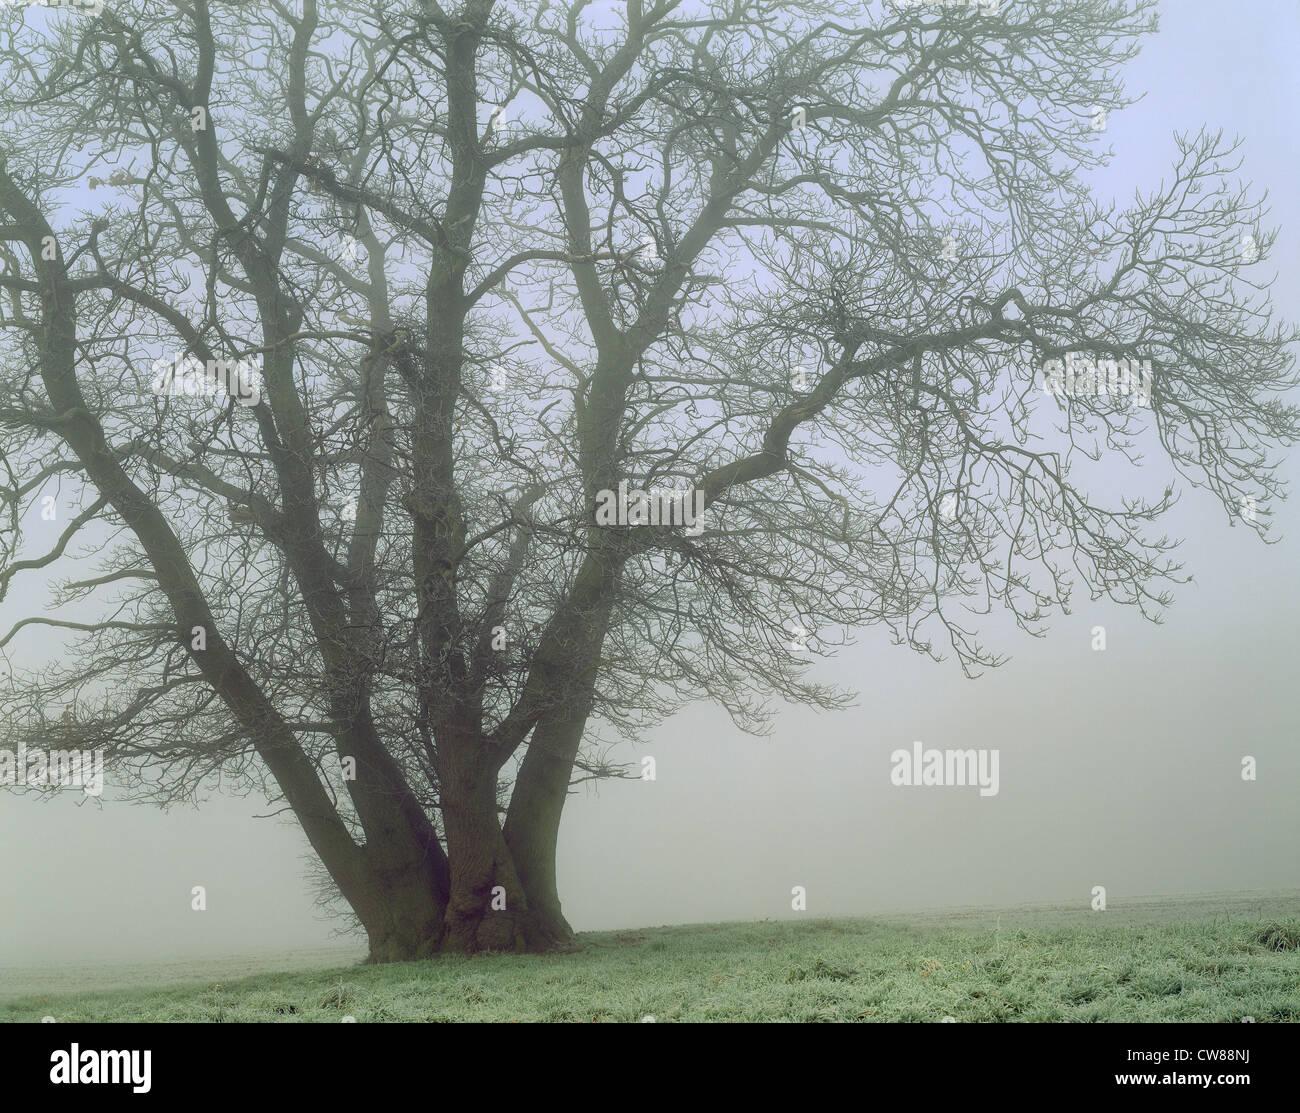 Sweet chestnut tree en hiver dans la brume. Arbre est dépouillé de feuilles. Photo Stock